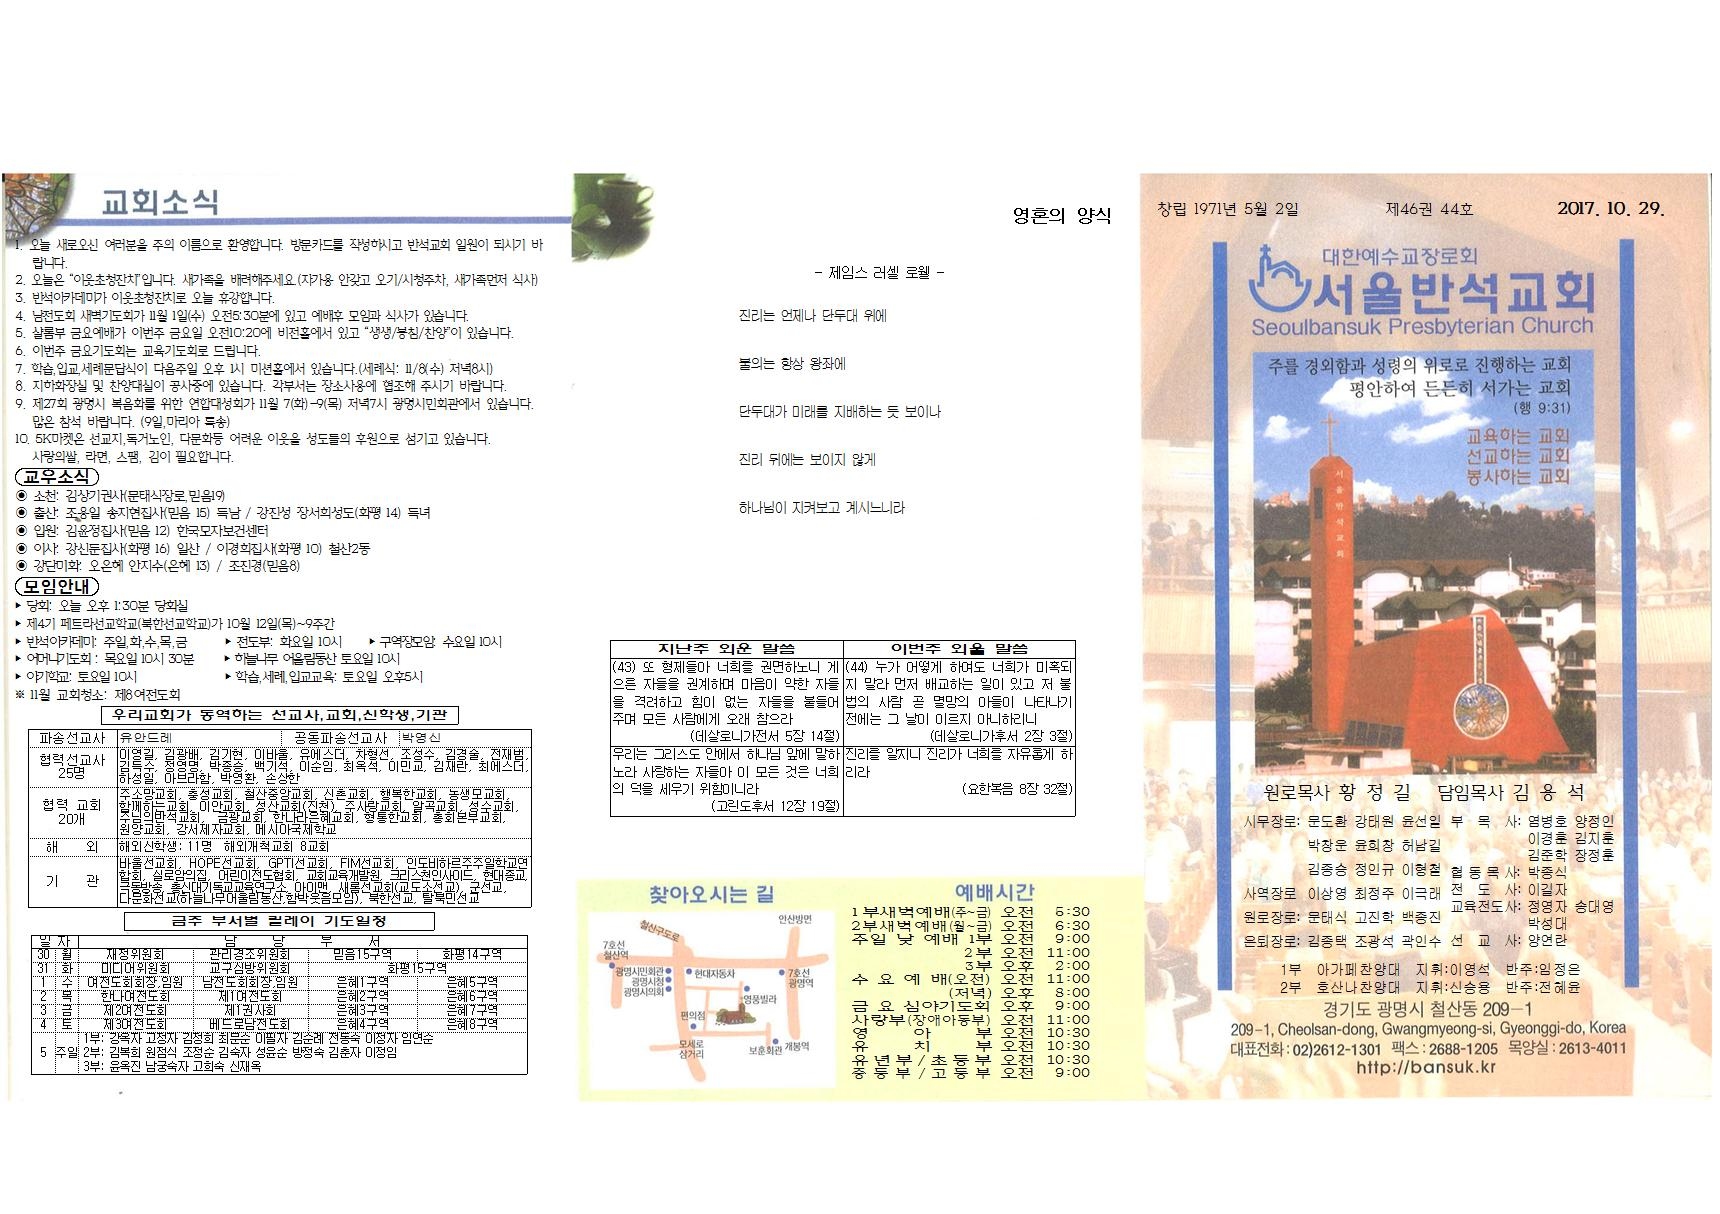 주보 제46권 44호(2017.10.29)